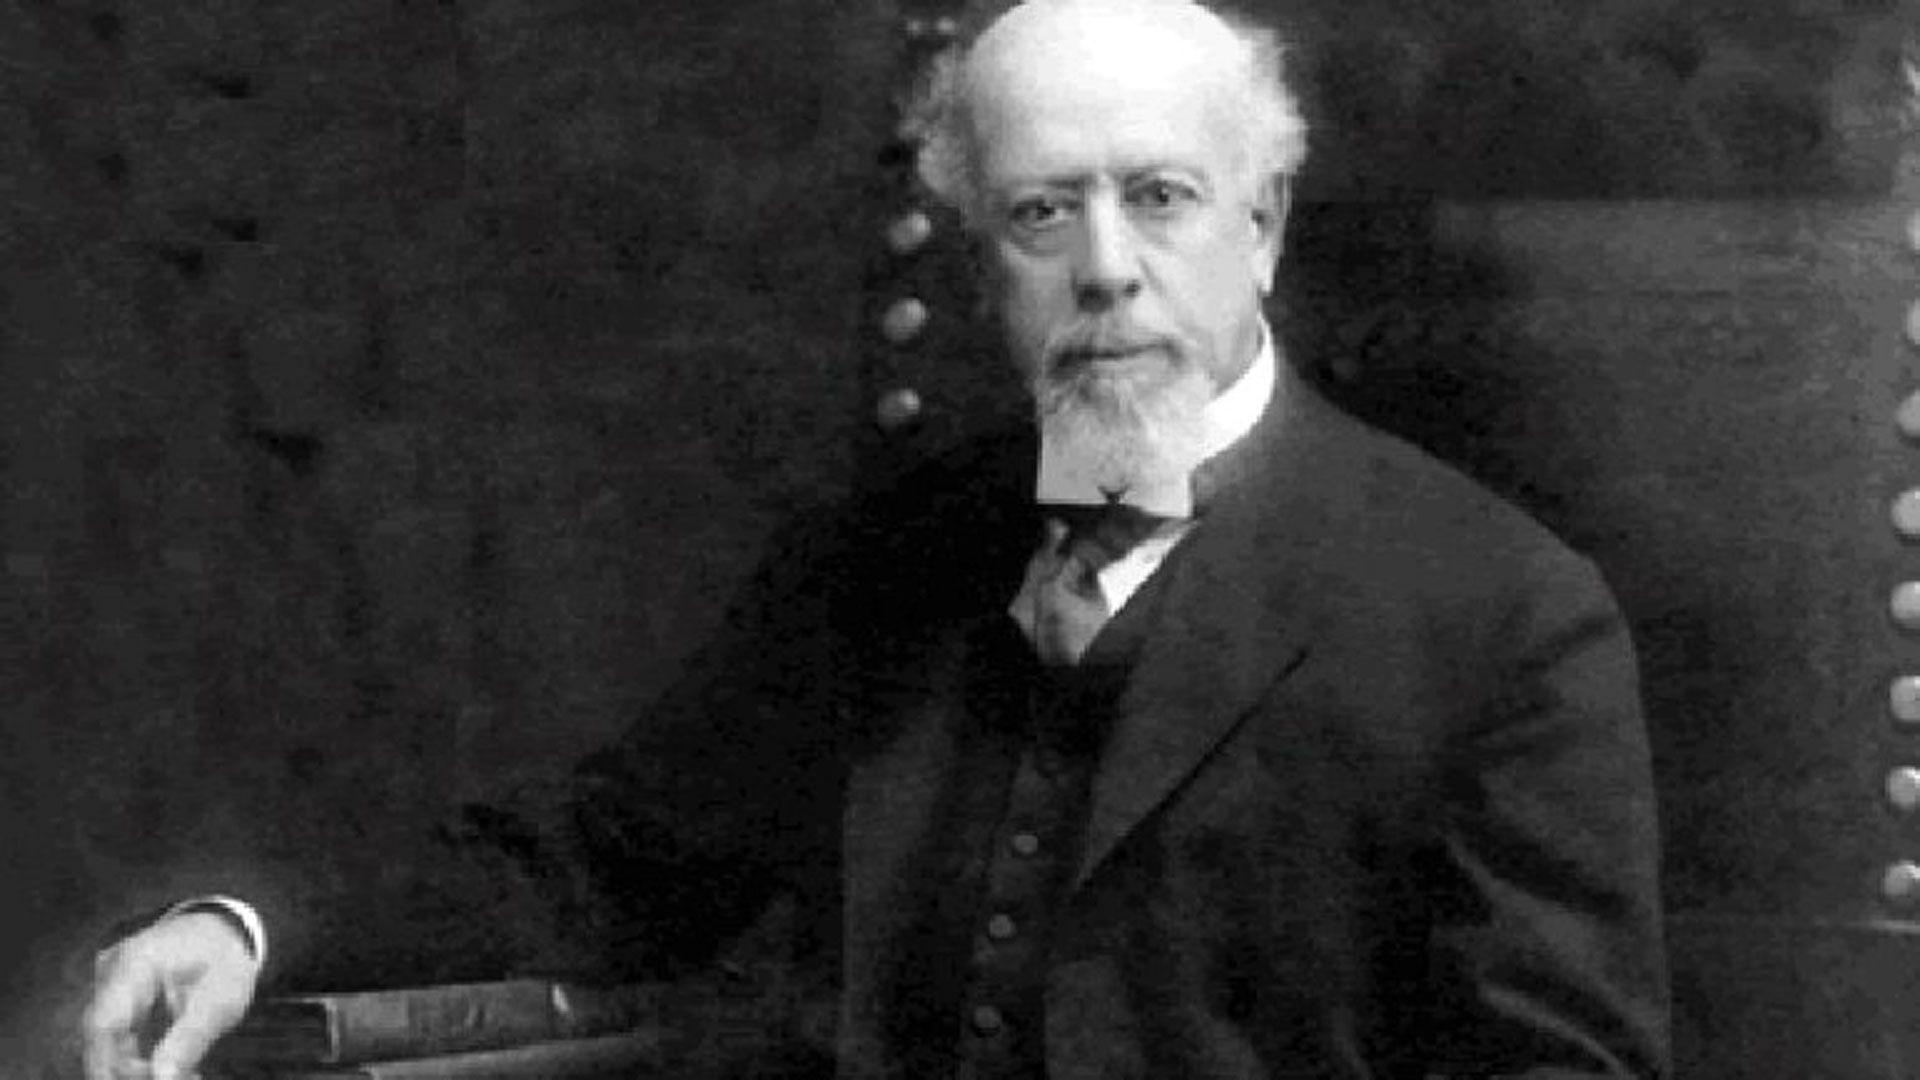 El agresor fue indultado por pedido de Roca en 1896